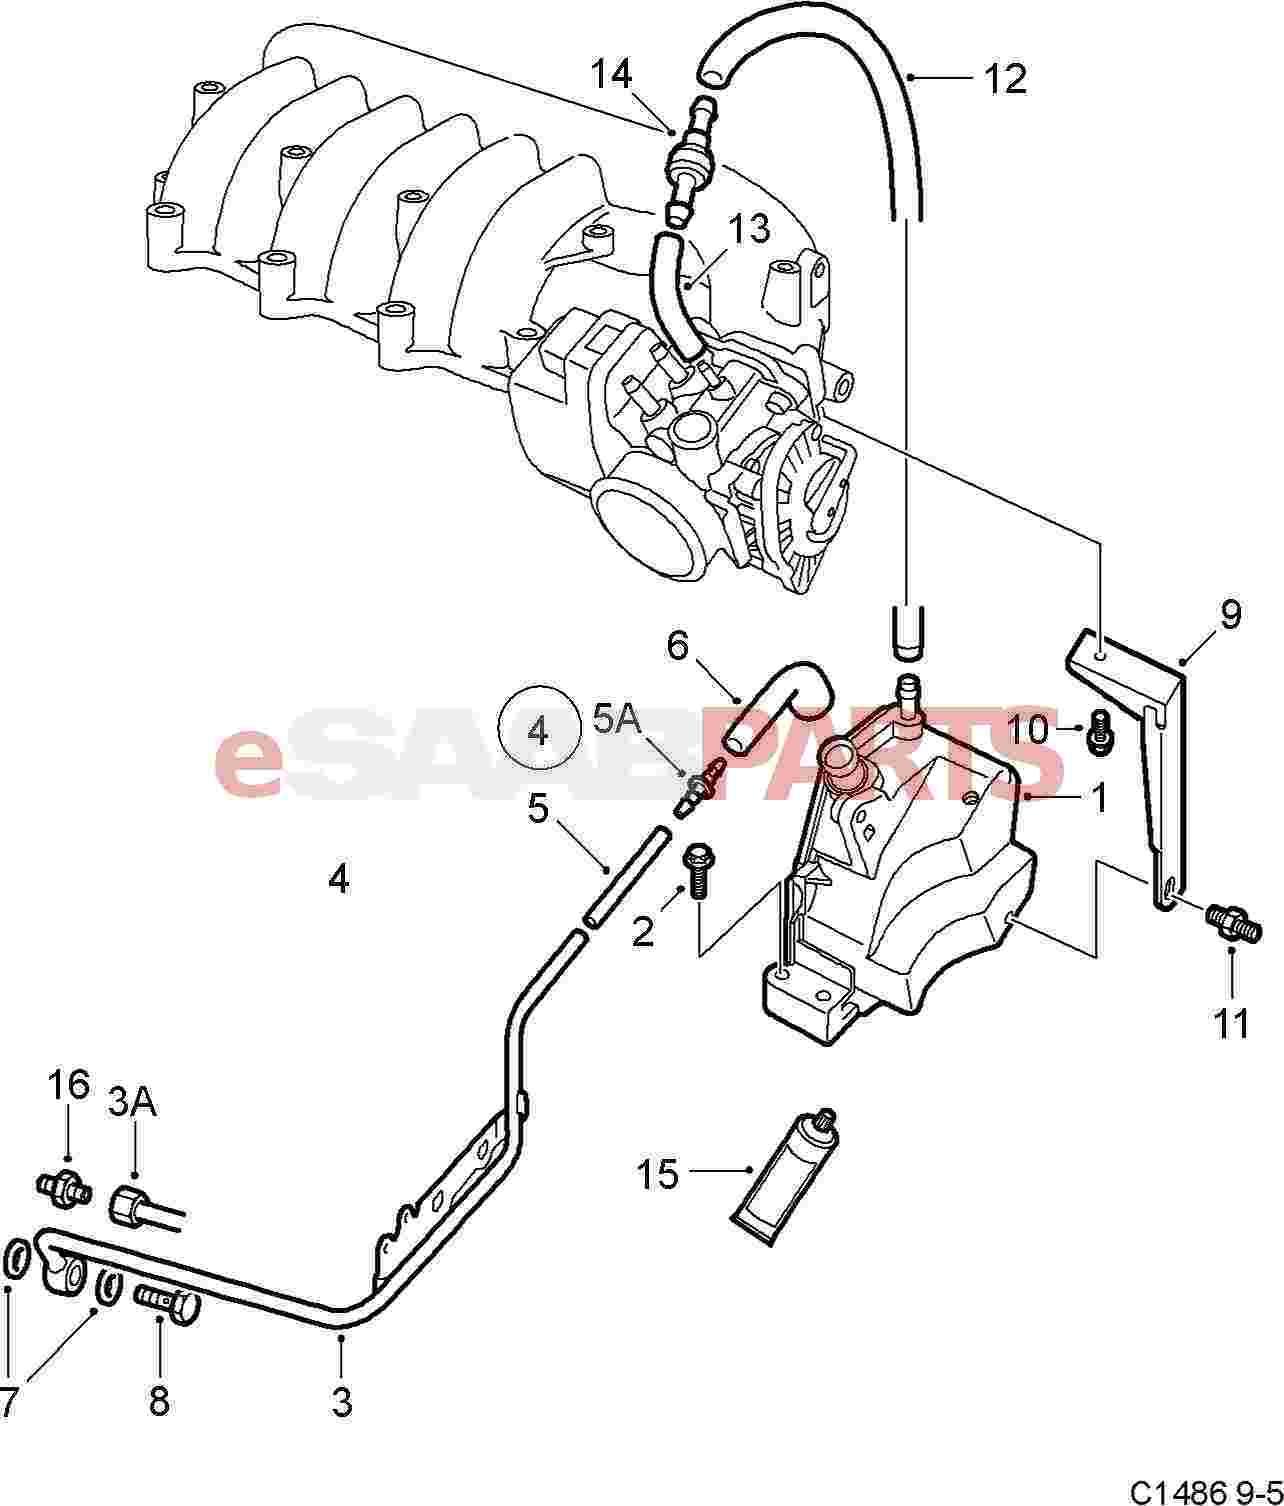 1992 Saab 900 Turbo Engine Diagram 1992 Saab 9000 Turbo EFI Saab 9000 Turbo  Engine Diagram